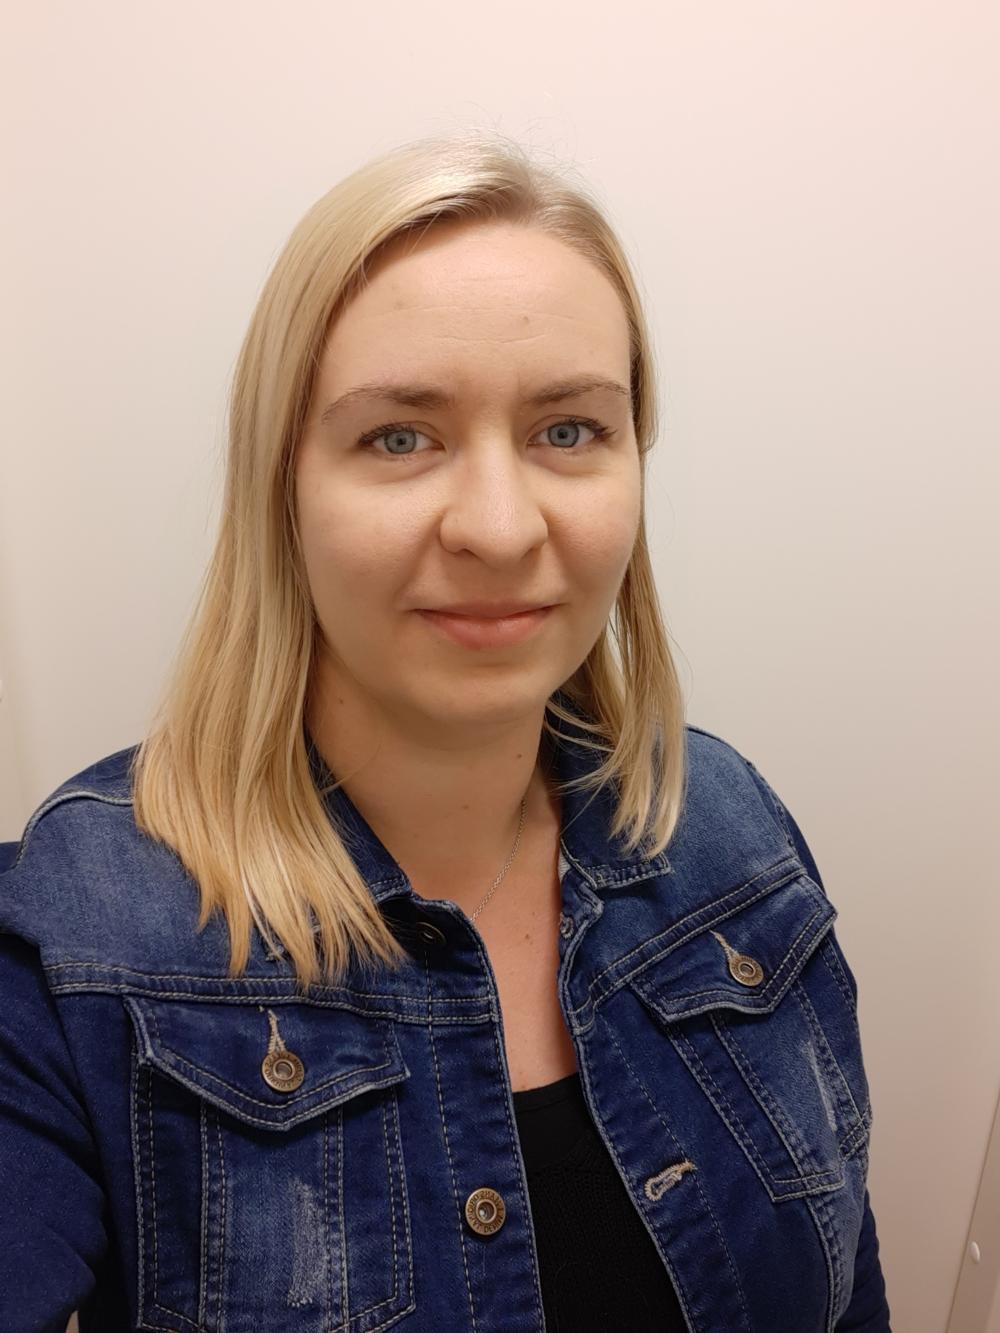 Laura Rouhiainen